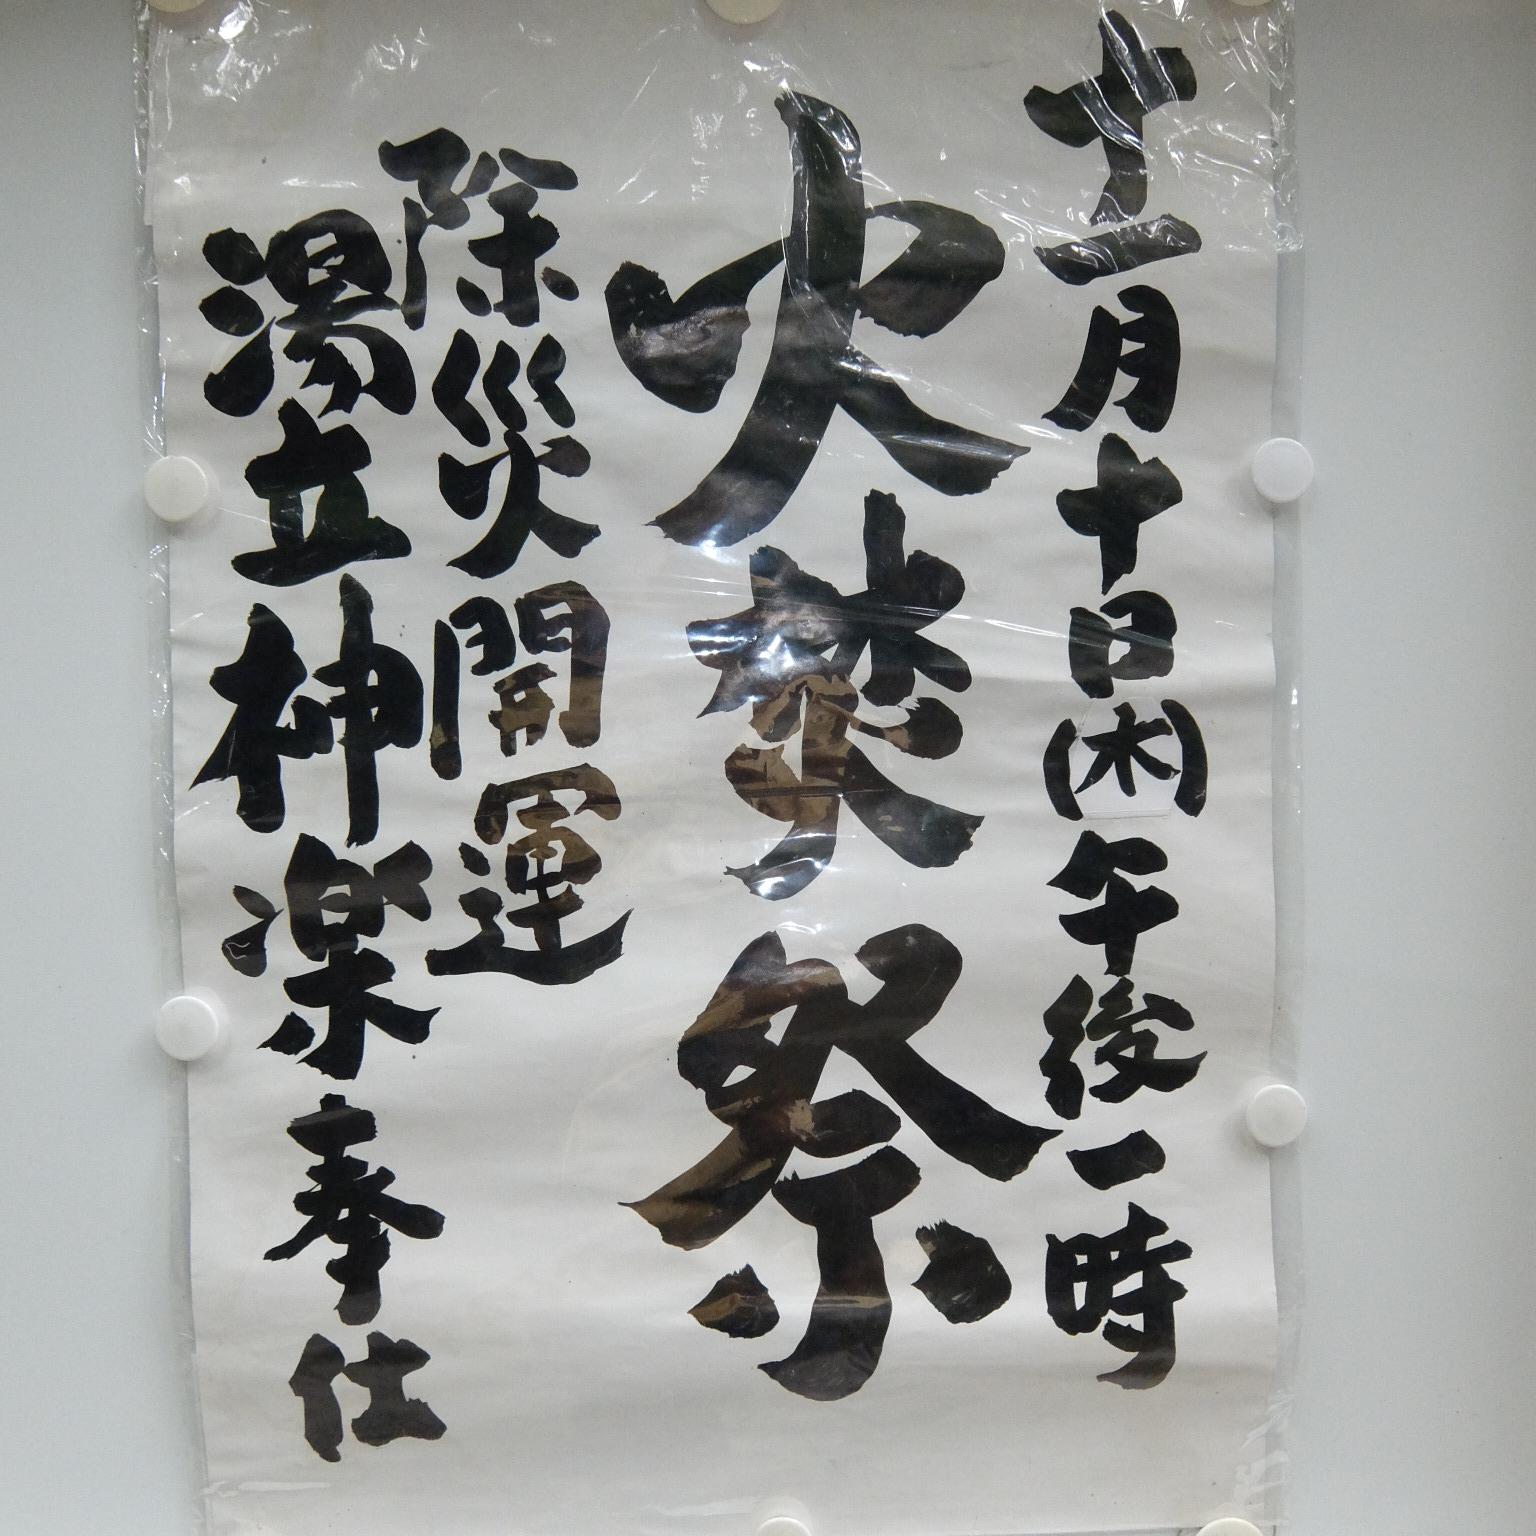 16101109.jpg